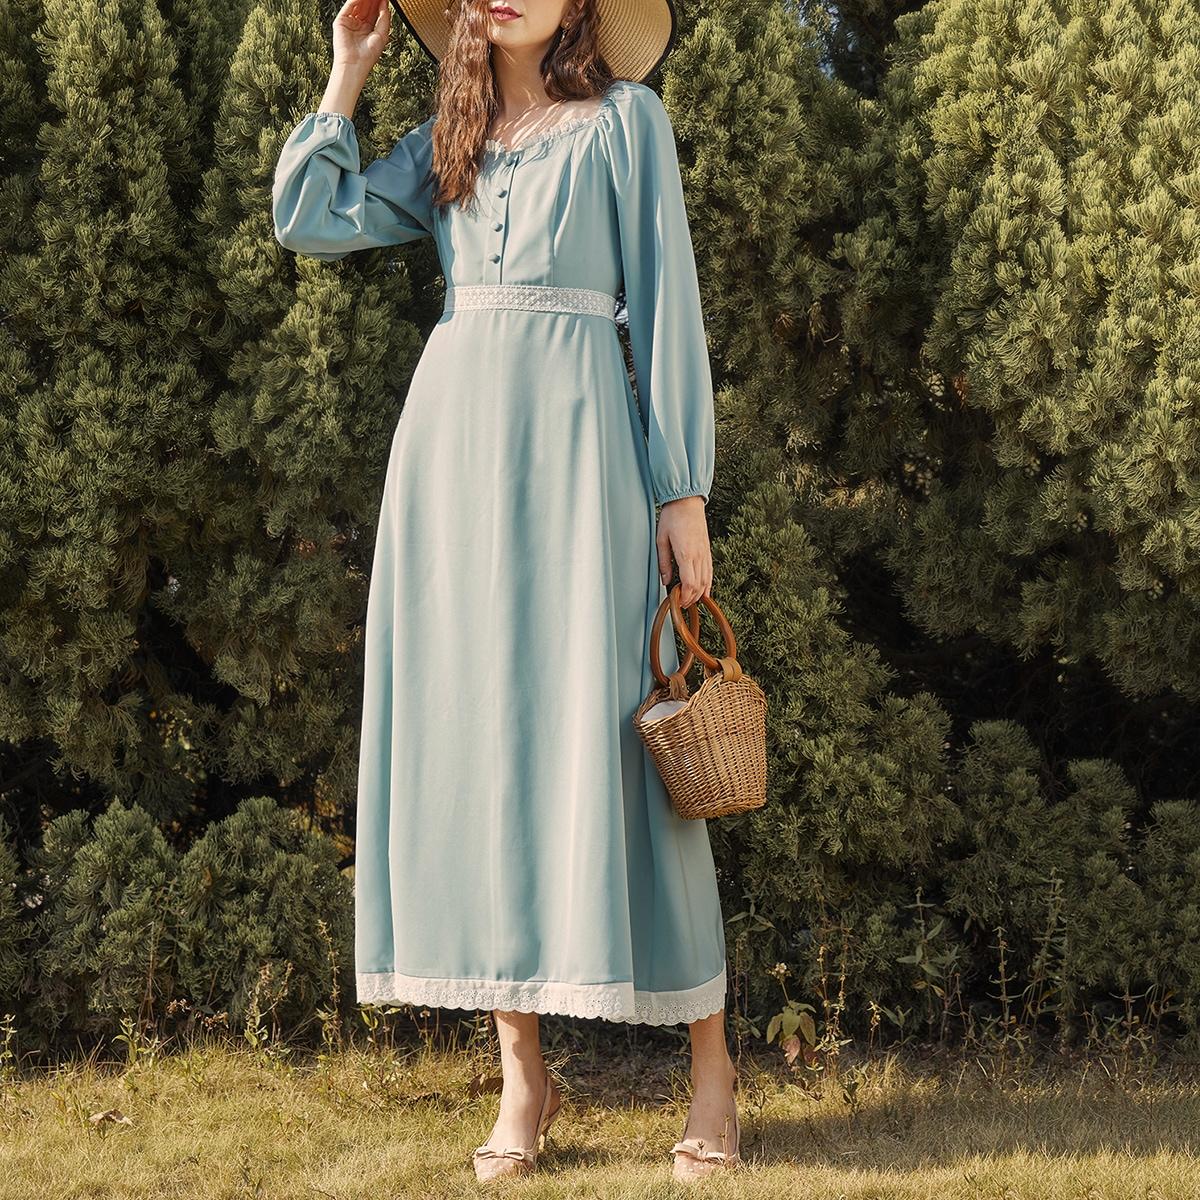 Платье с узлом сзади, воротником-сердечком и кружевной отделкой